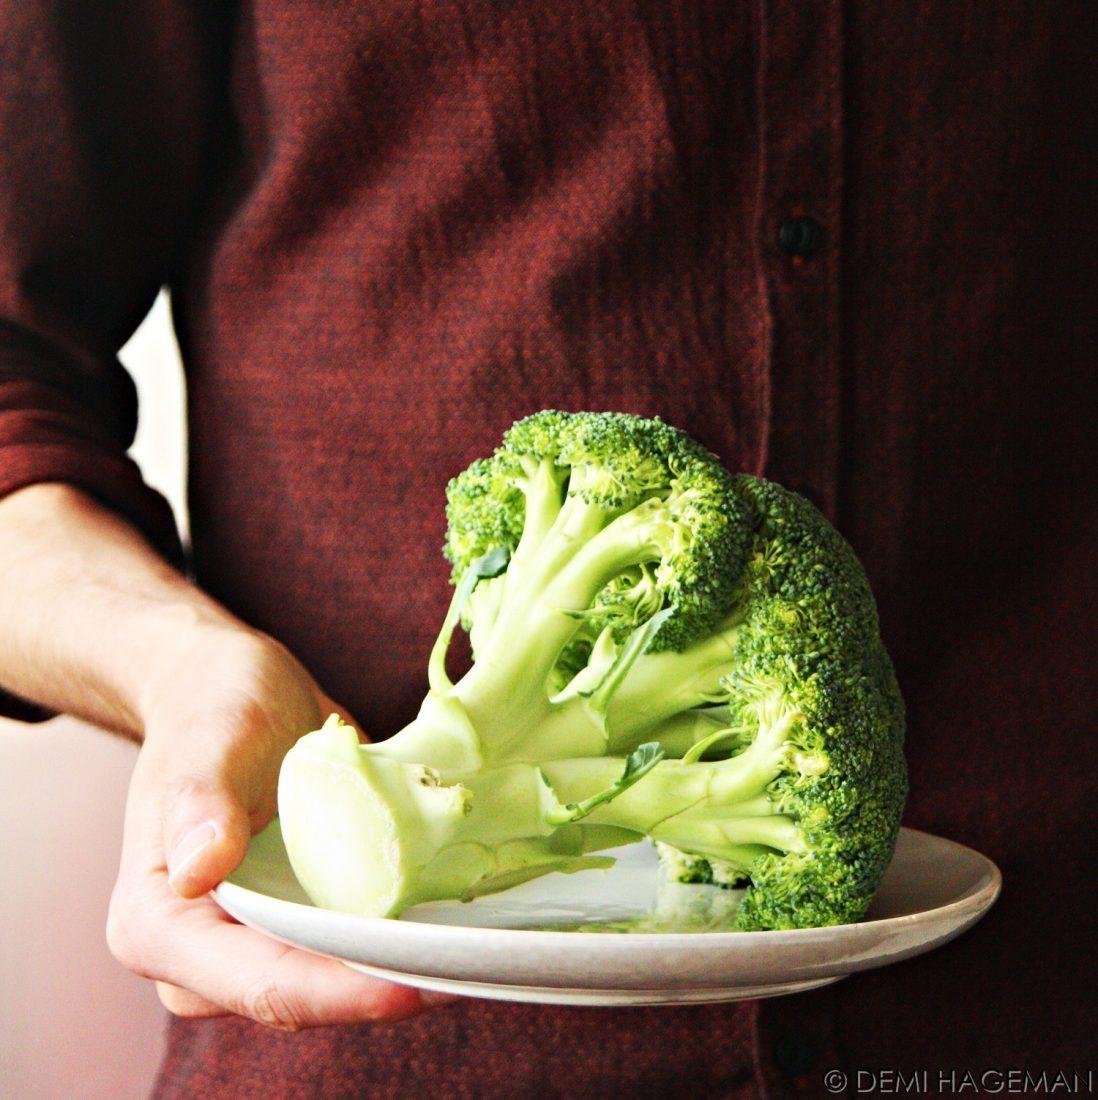 seizoensgroenten van juni - broccoli vers